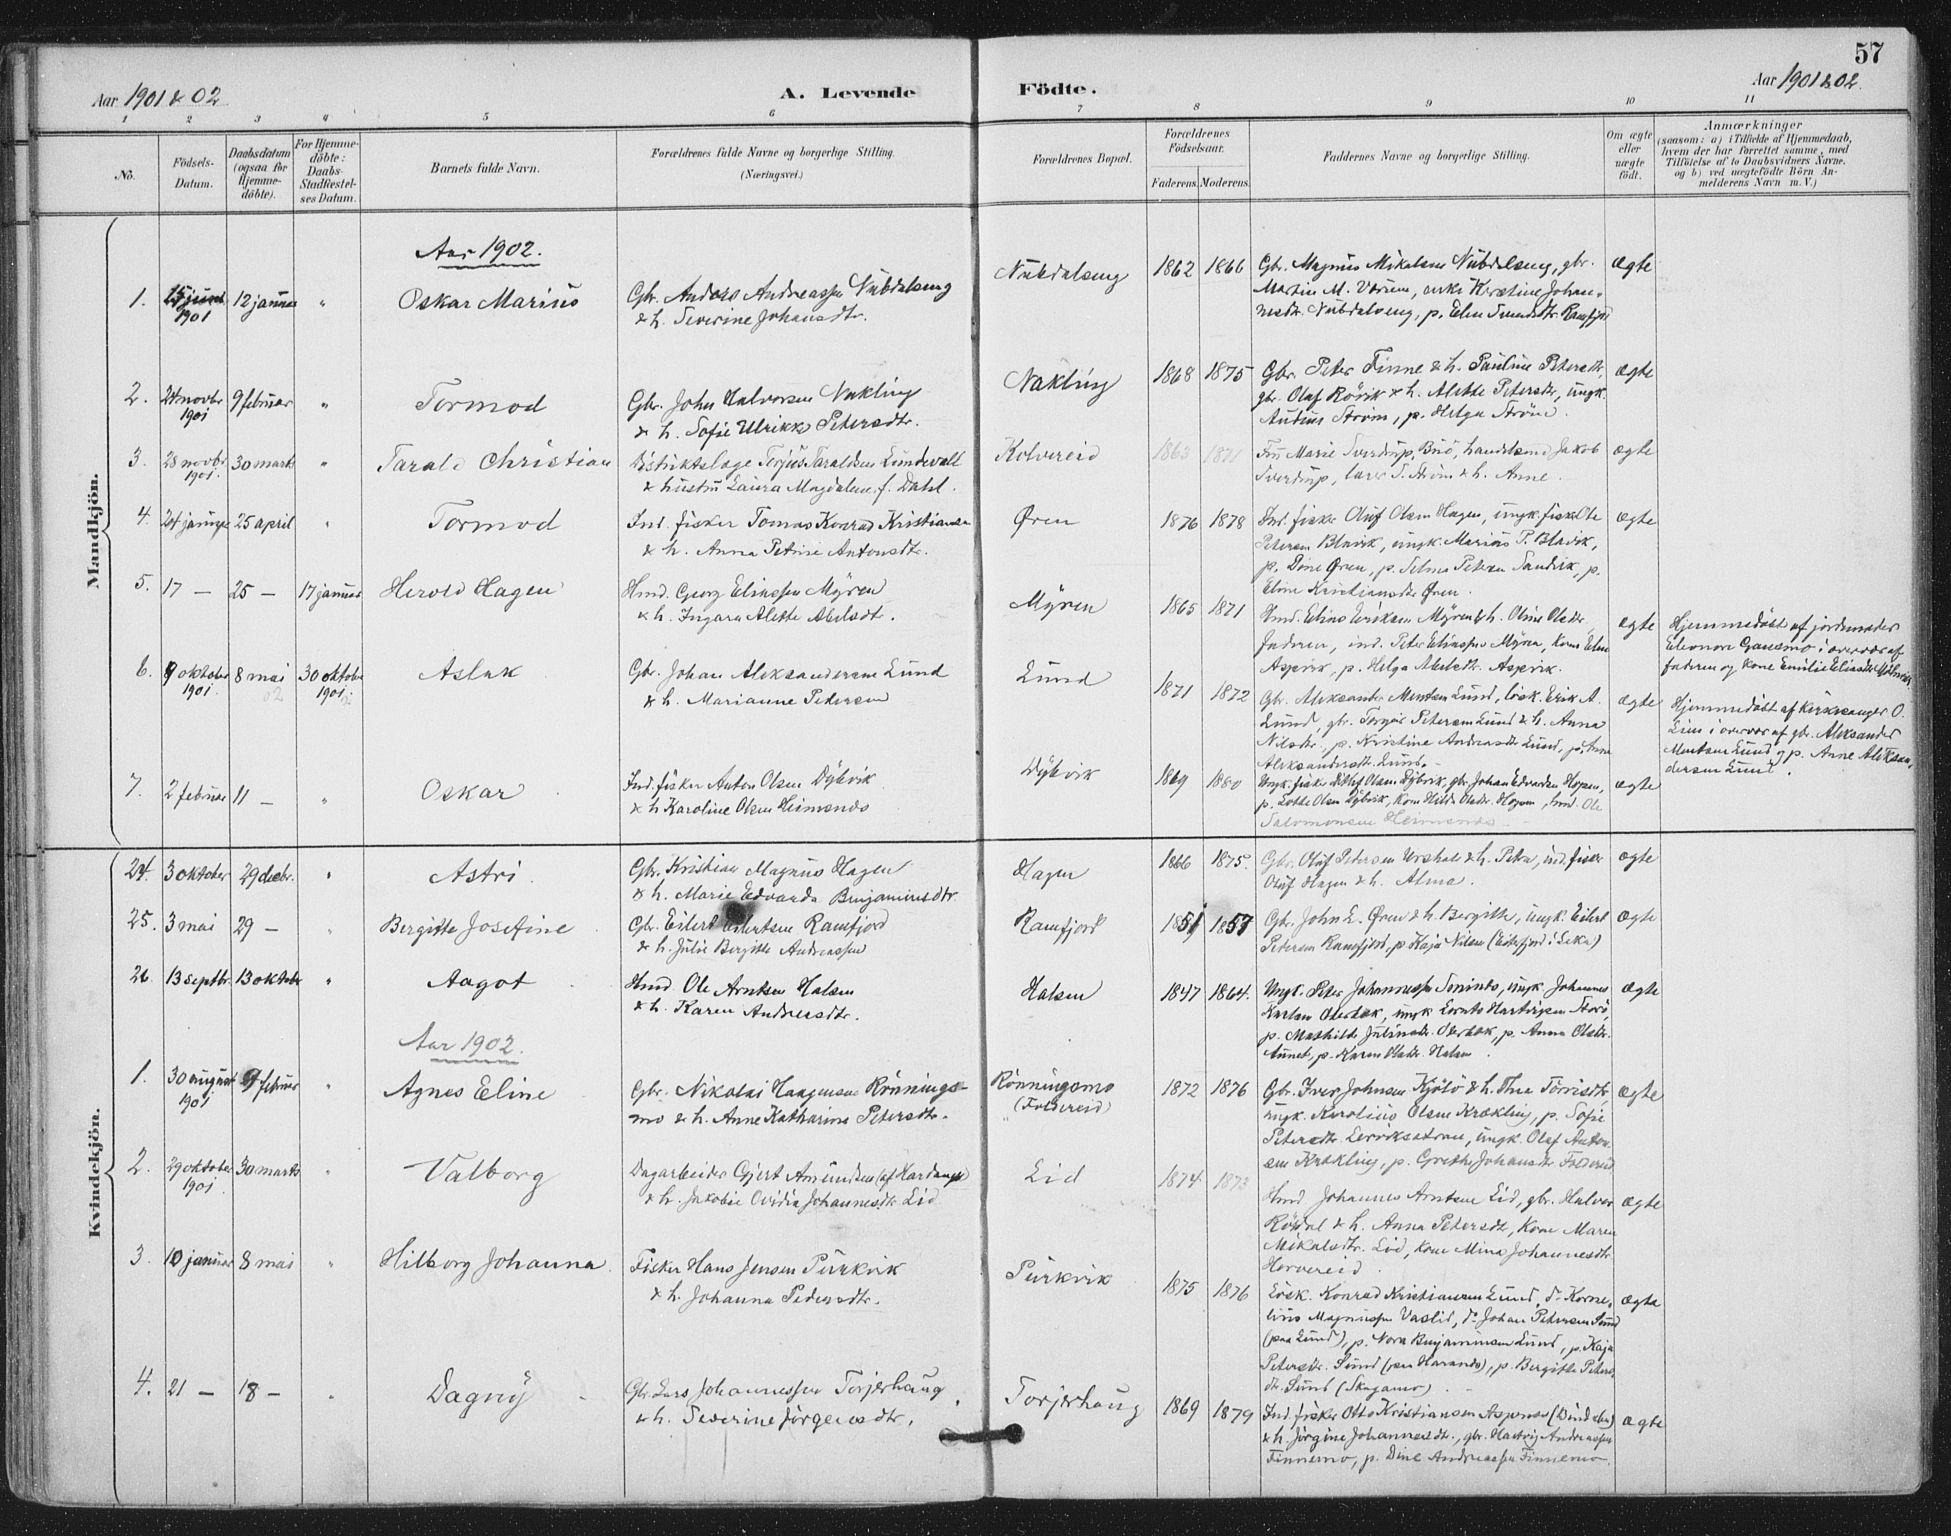 SAT, Ministerialprotokoller, klokkerbøker og fødselsregistre - Nord-Trøndelag, 780/L0644: Ministerialbok nr. 780A08, 1886-1903, s. 57